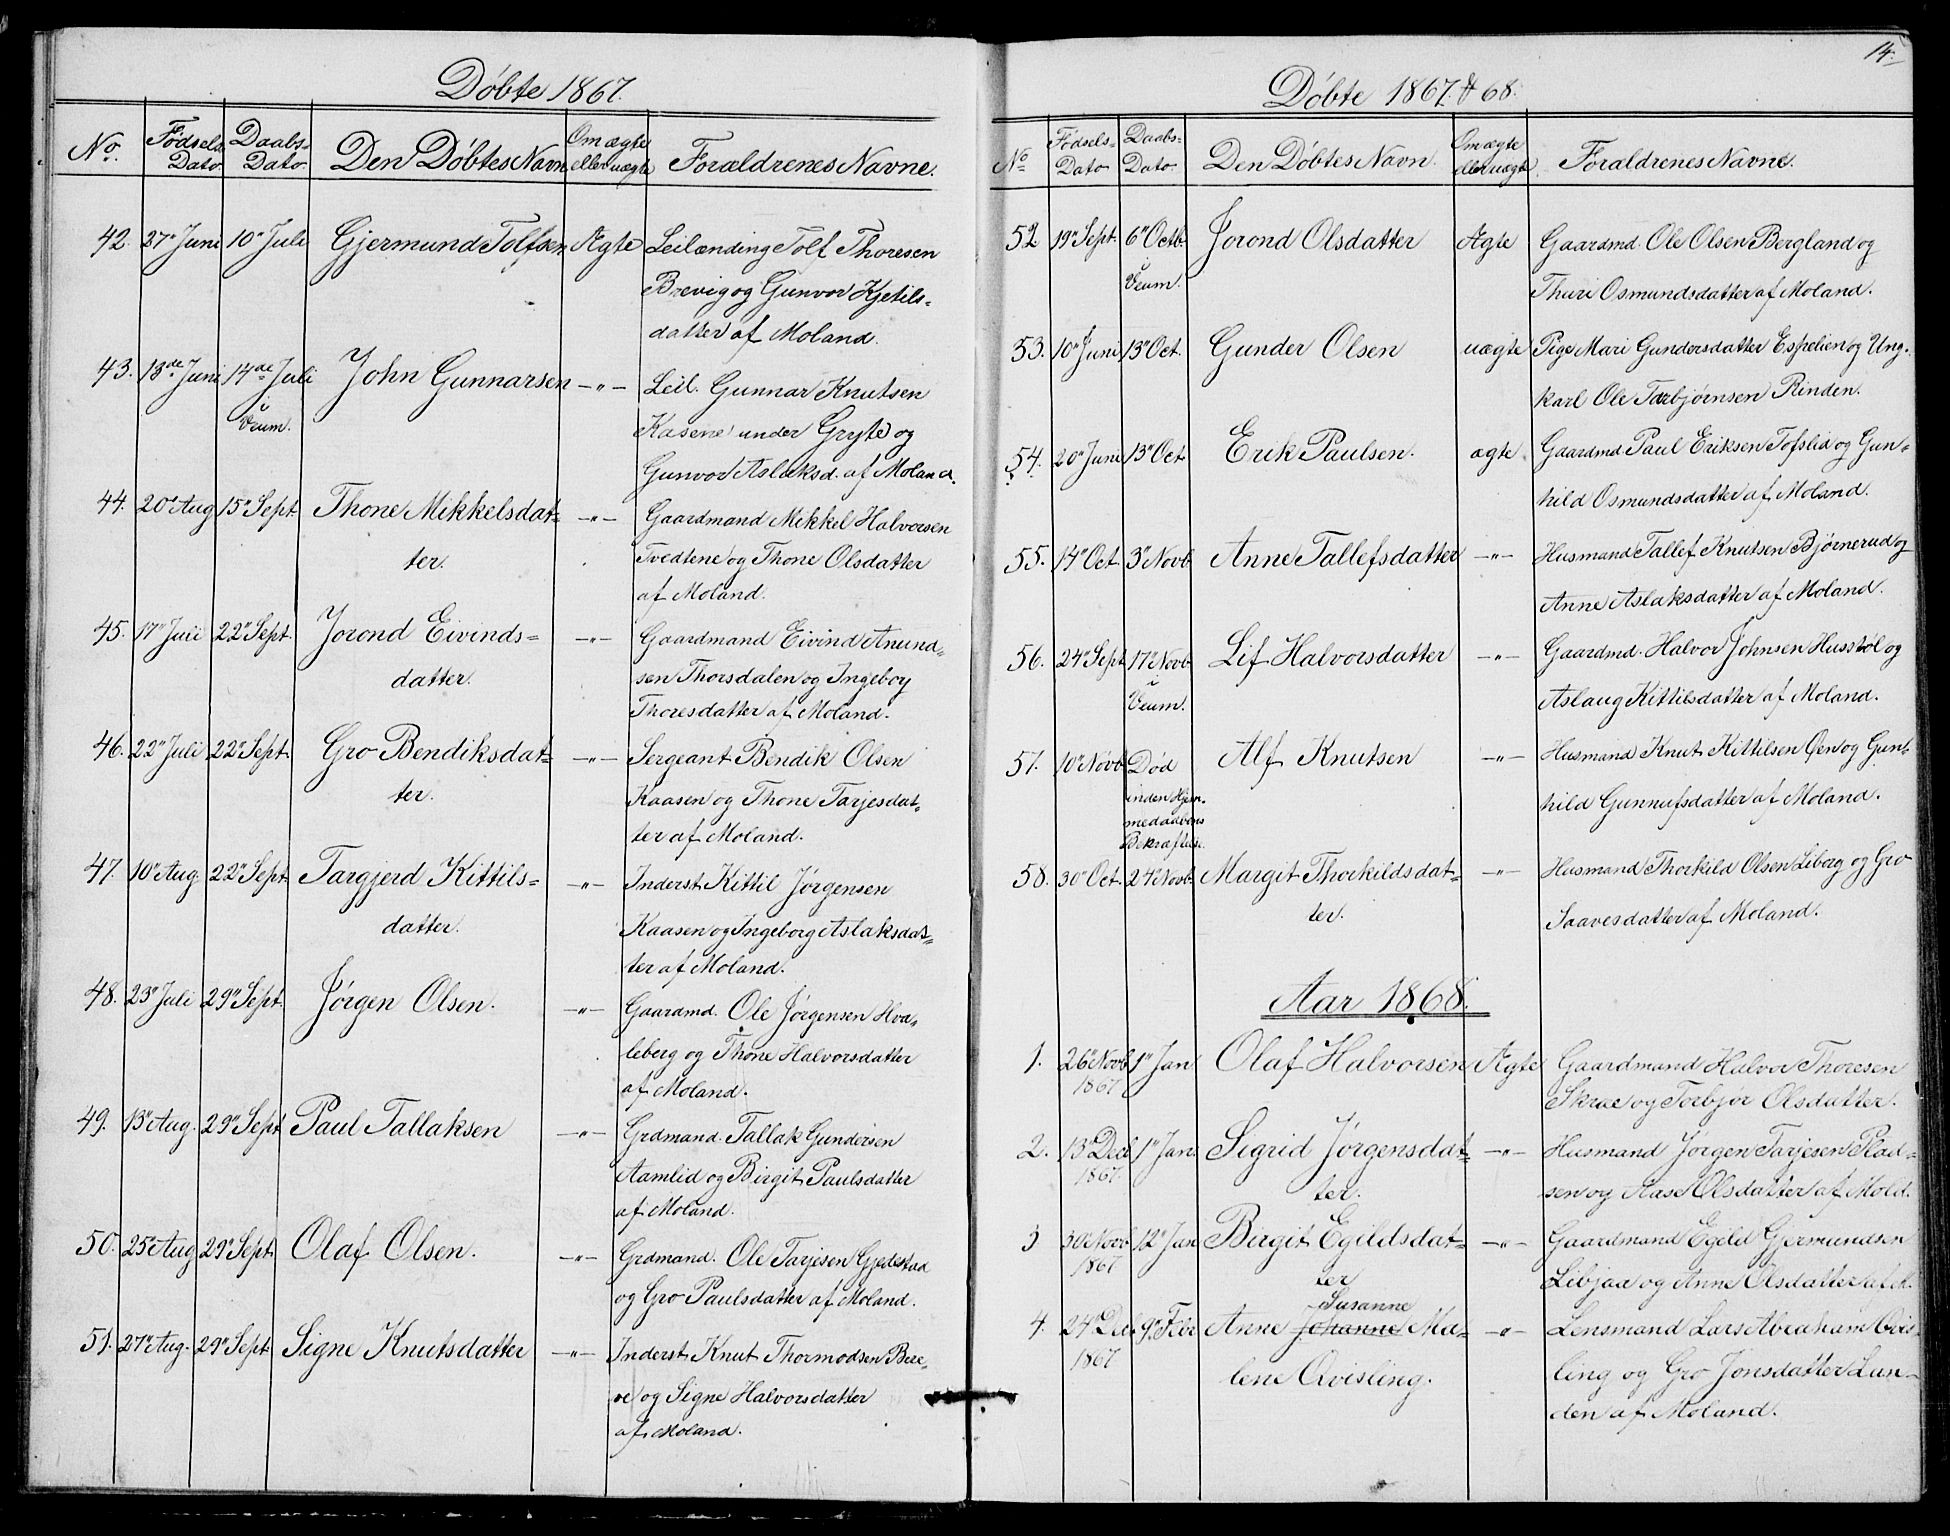 SAKO, Fyresdal kirkebøker, G/Ga/L0004: Klokkerbok nr. I 4, 1864-1892, s. 14